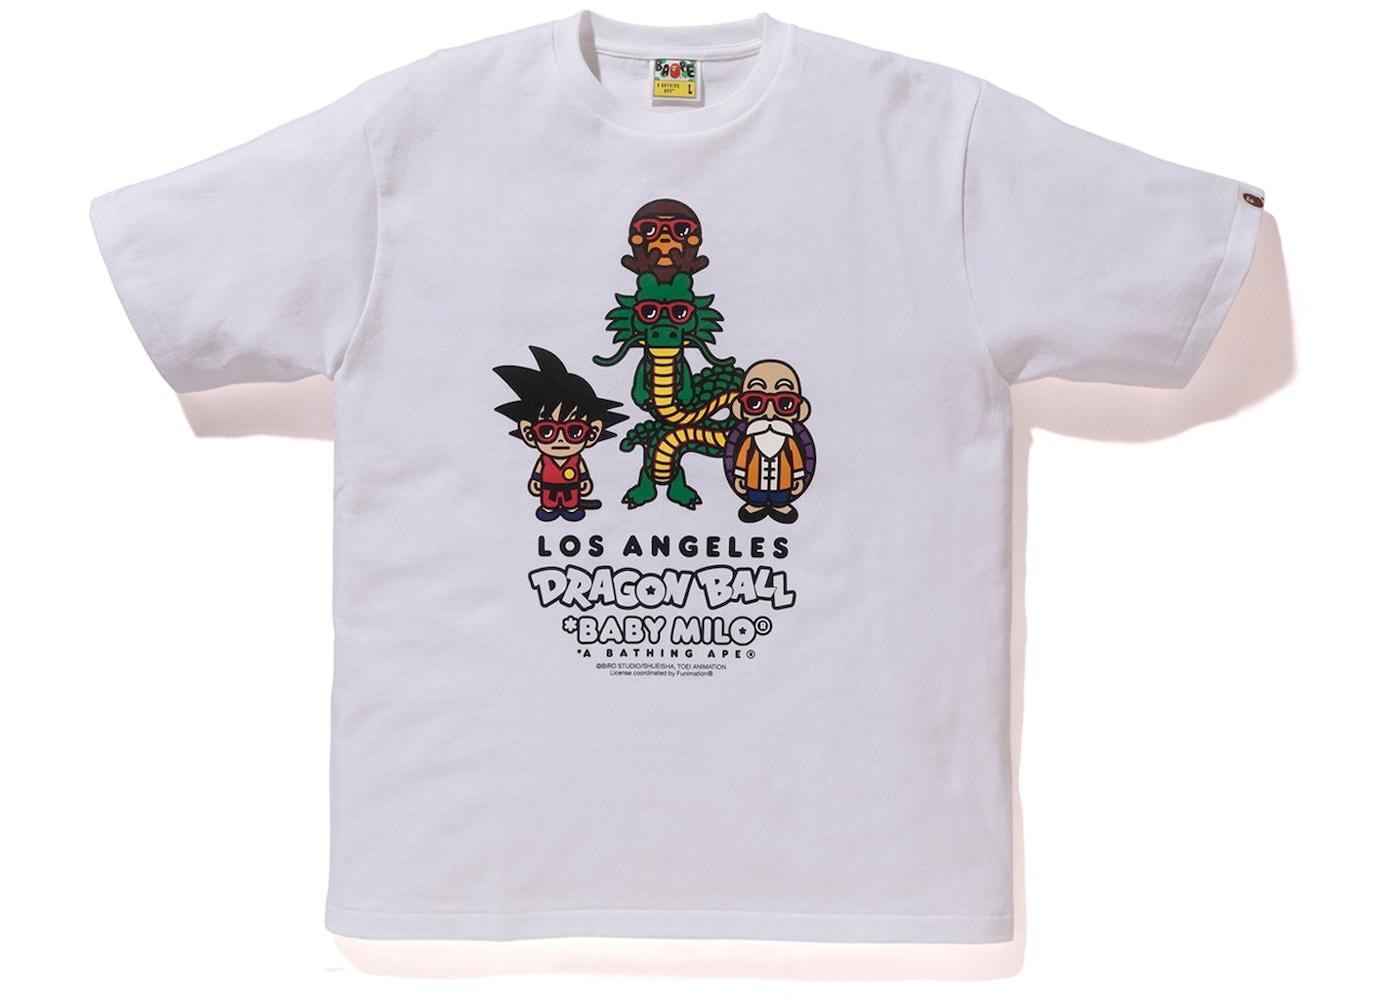 Bape X Dragon Ball Z La Exclusive Baby Milo T Shirt White